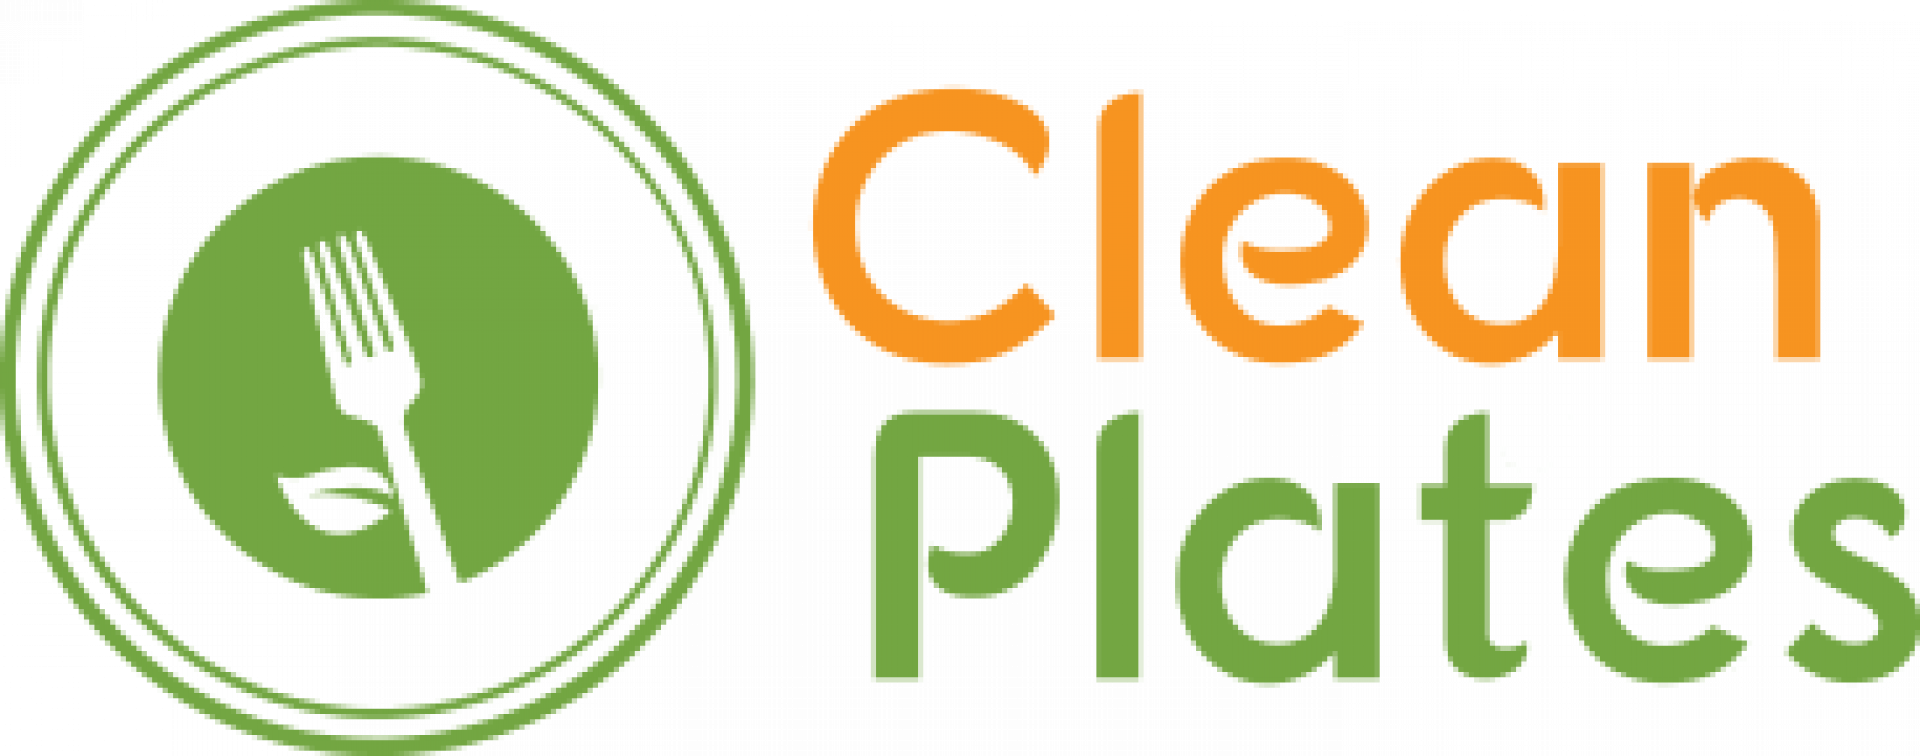 Clean Plates Canada logo